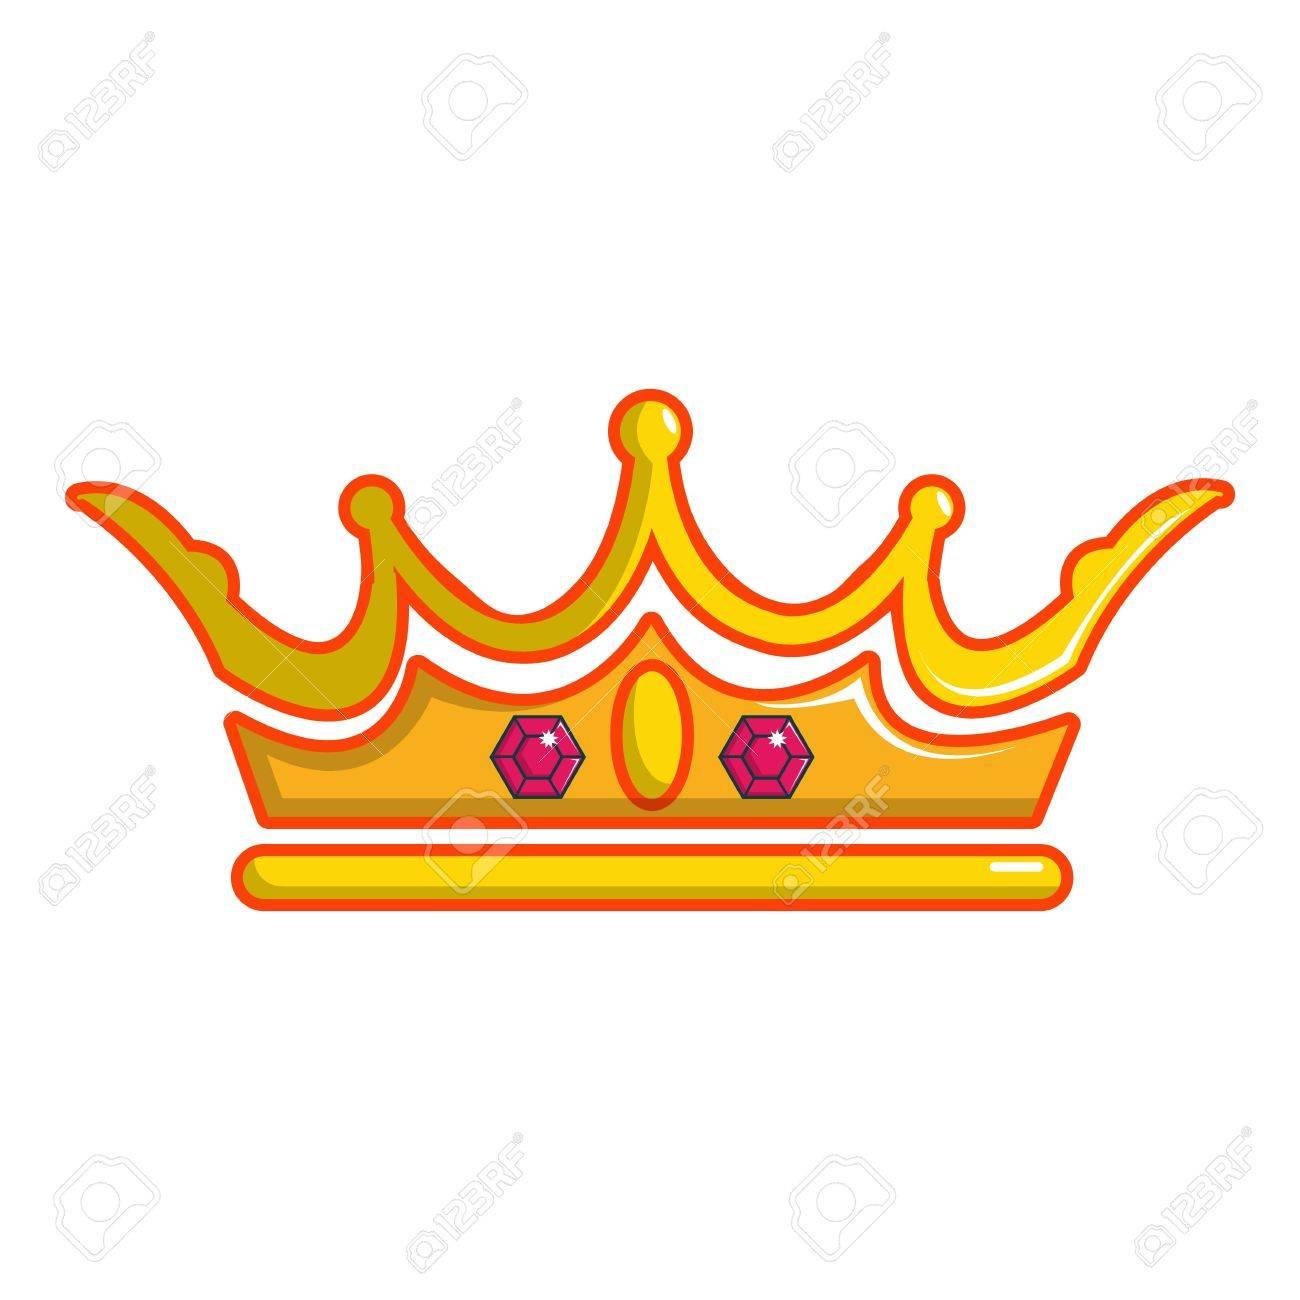 Icono De La Corona De La Reina Ilustración De Dibujos Animados De